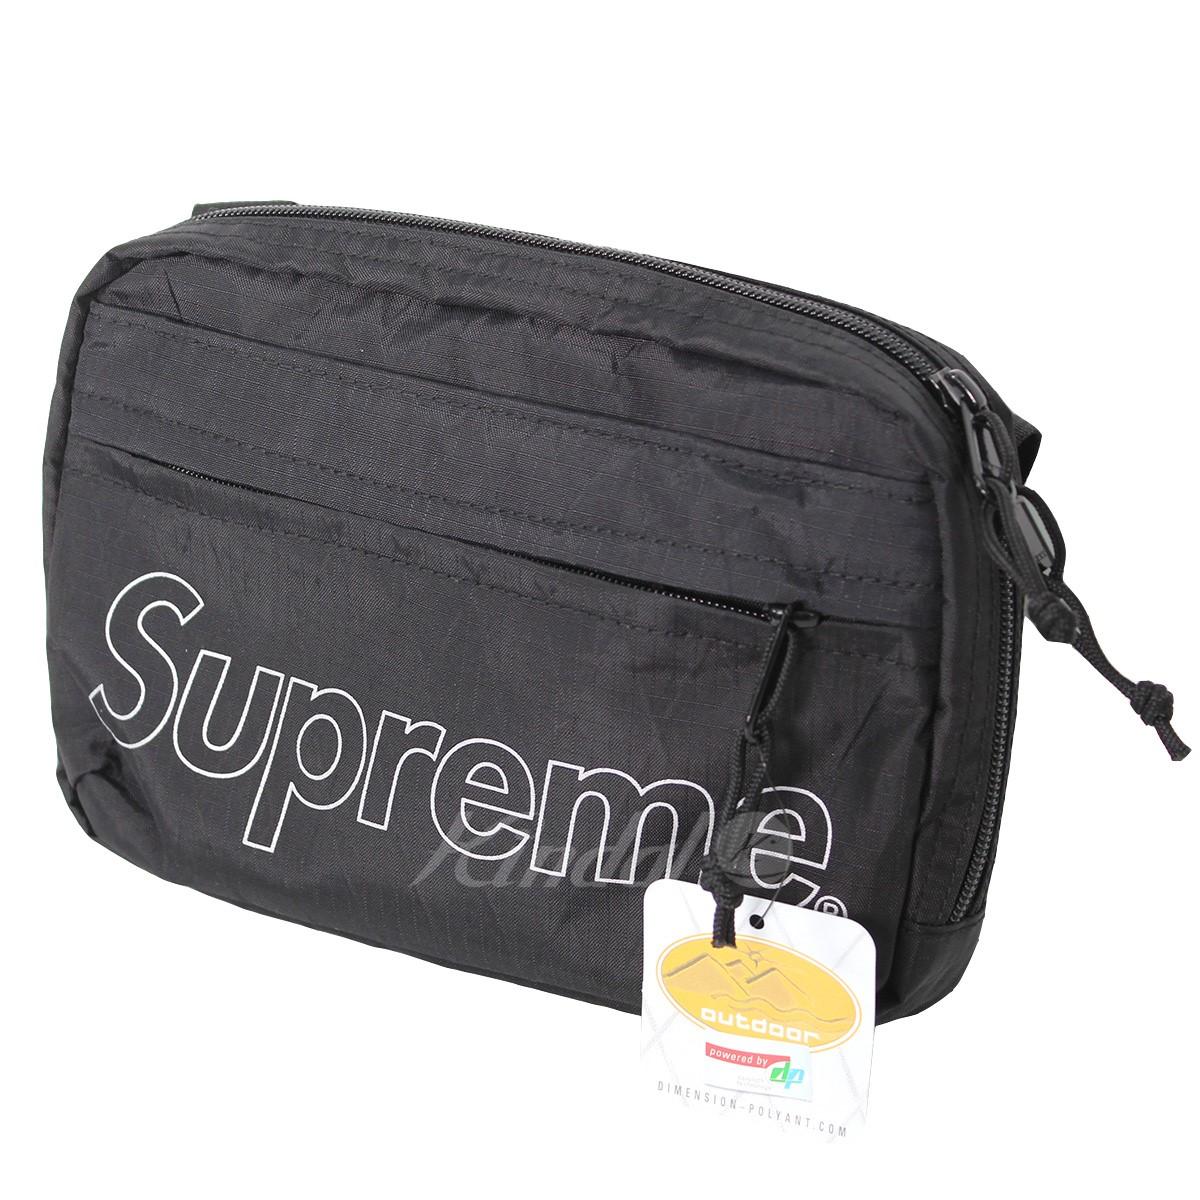 【中古】SUPREME 18AW Shoulder Bag ショルダーバッグ ブラック サイズ:- 【送料無料】 【260918】(シュプリーム)